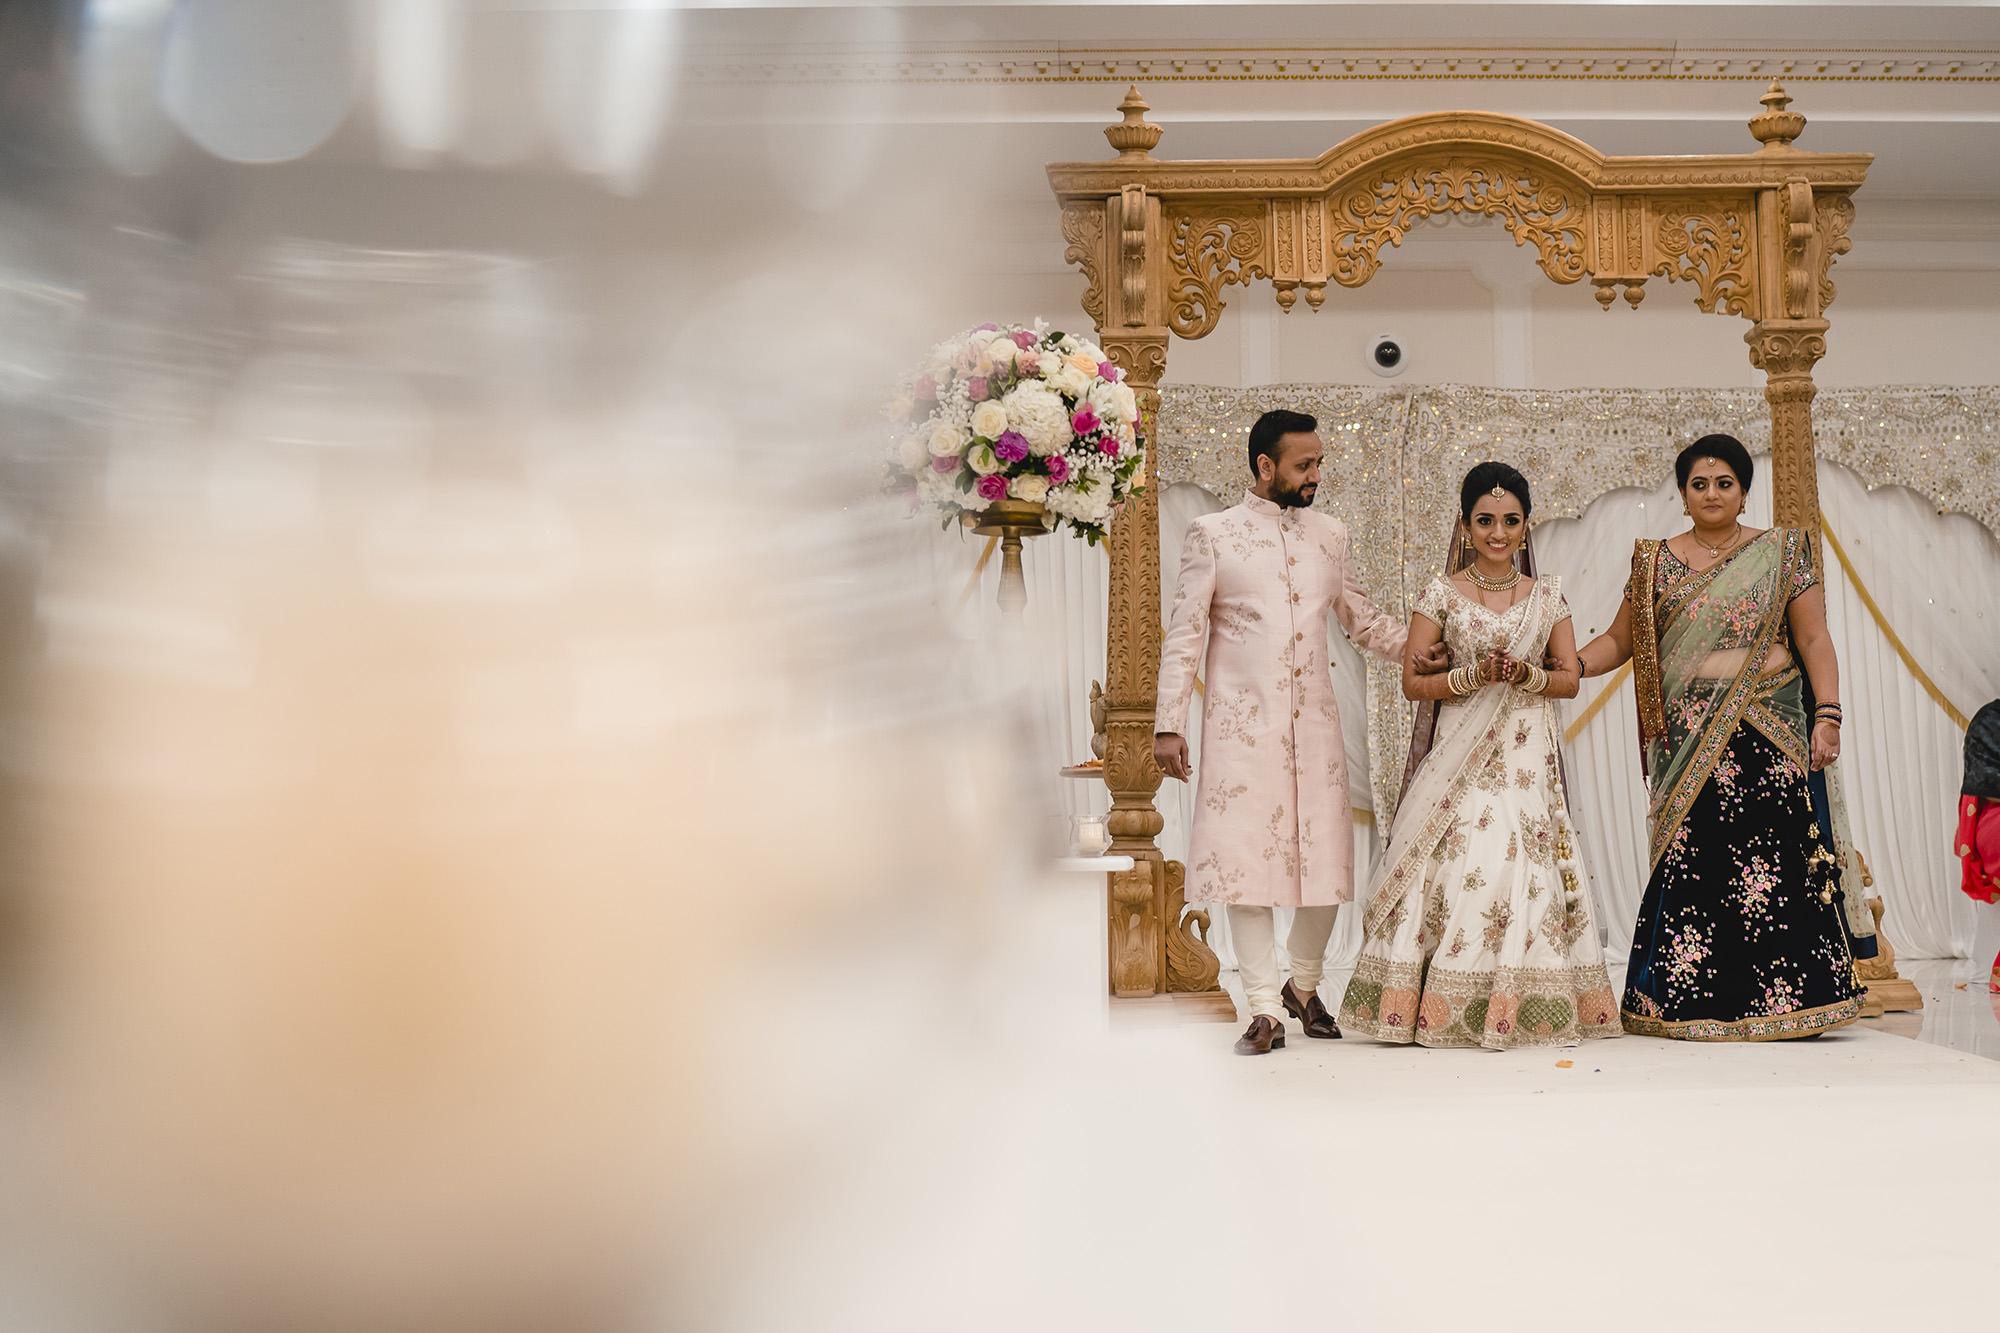 hindu bride making her entrance